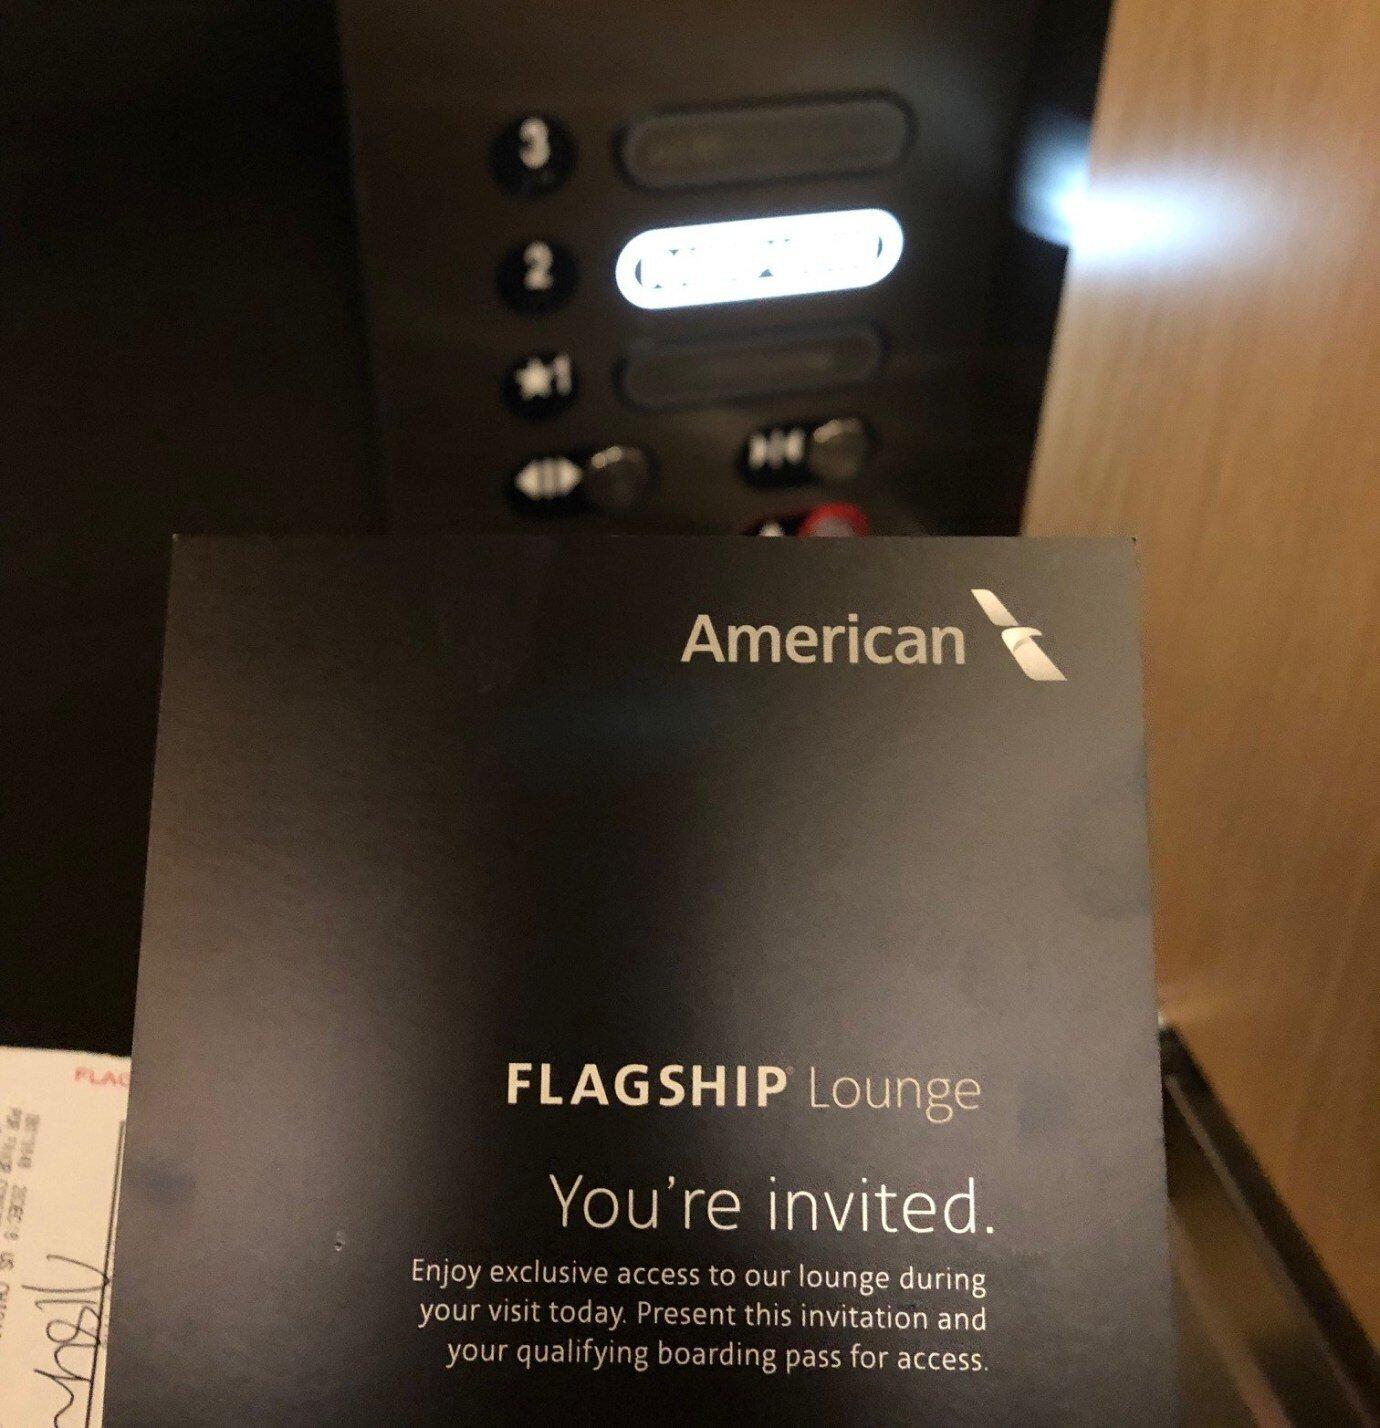 必須出示 Check-In 時拿到的邀請單,才可以使用 Flagship Lounge